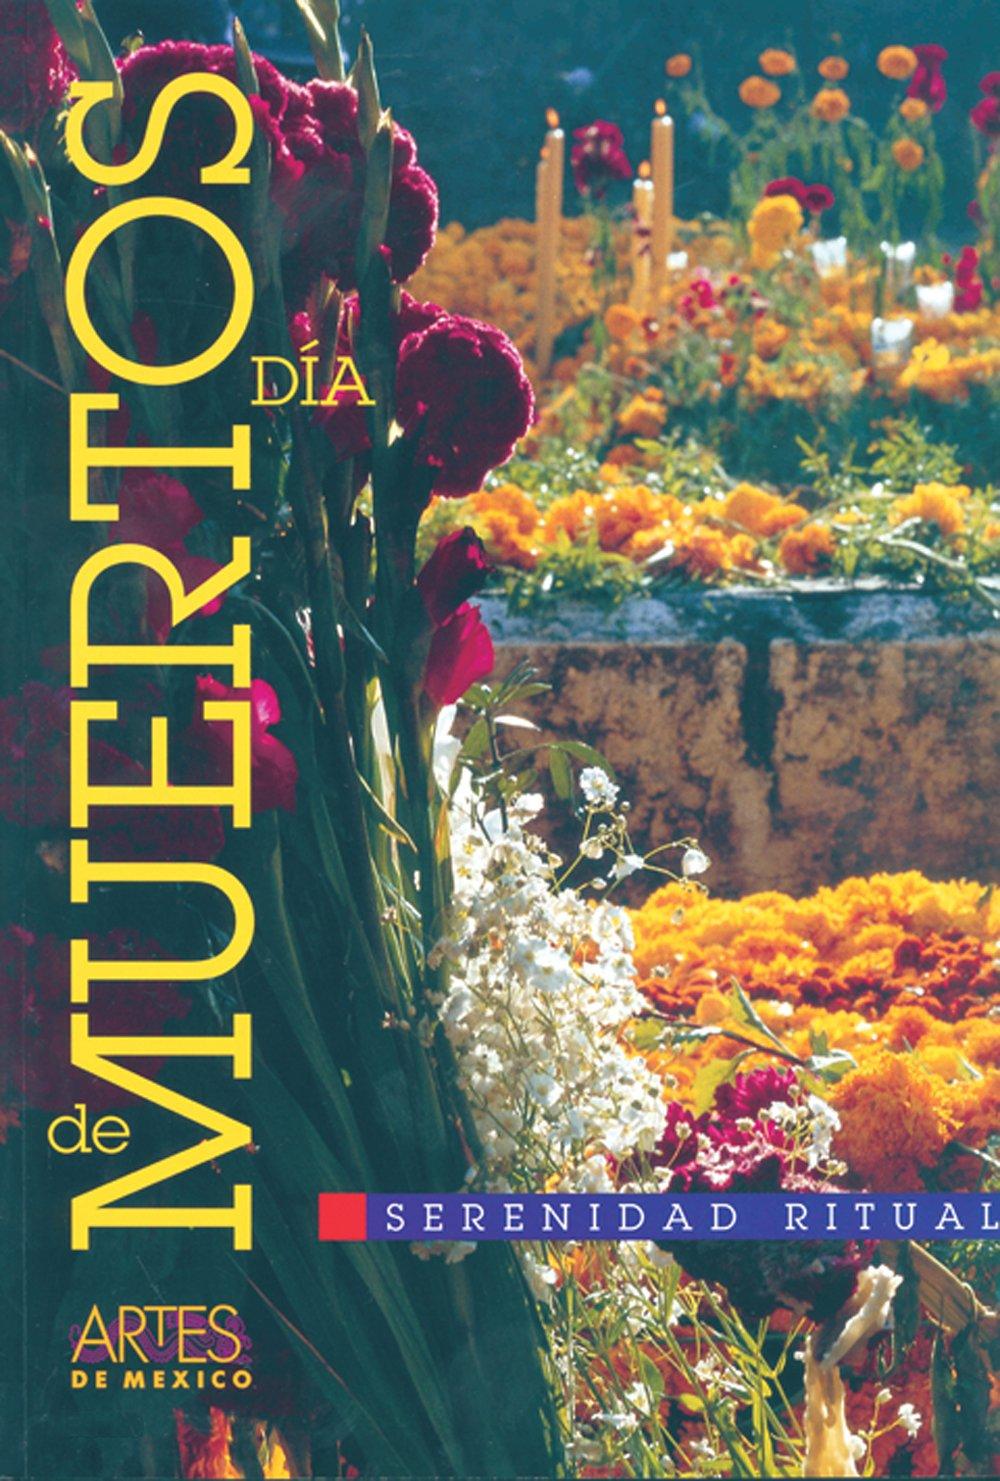 Artes de Mexico # 62. Dia de muertos: Serenidad ritual / Day of the Dead. Ritual Serenity (Spanish Edition) pdf epub